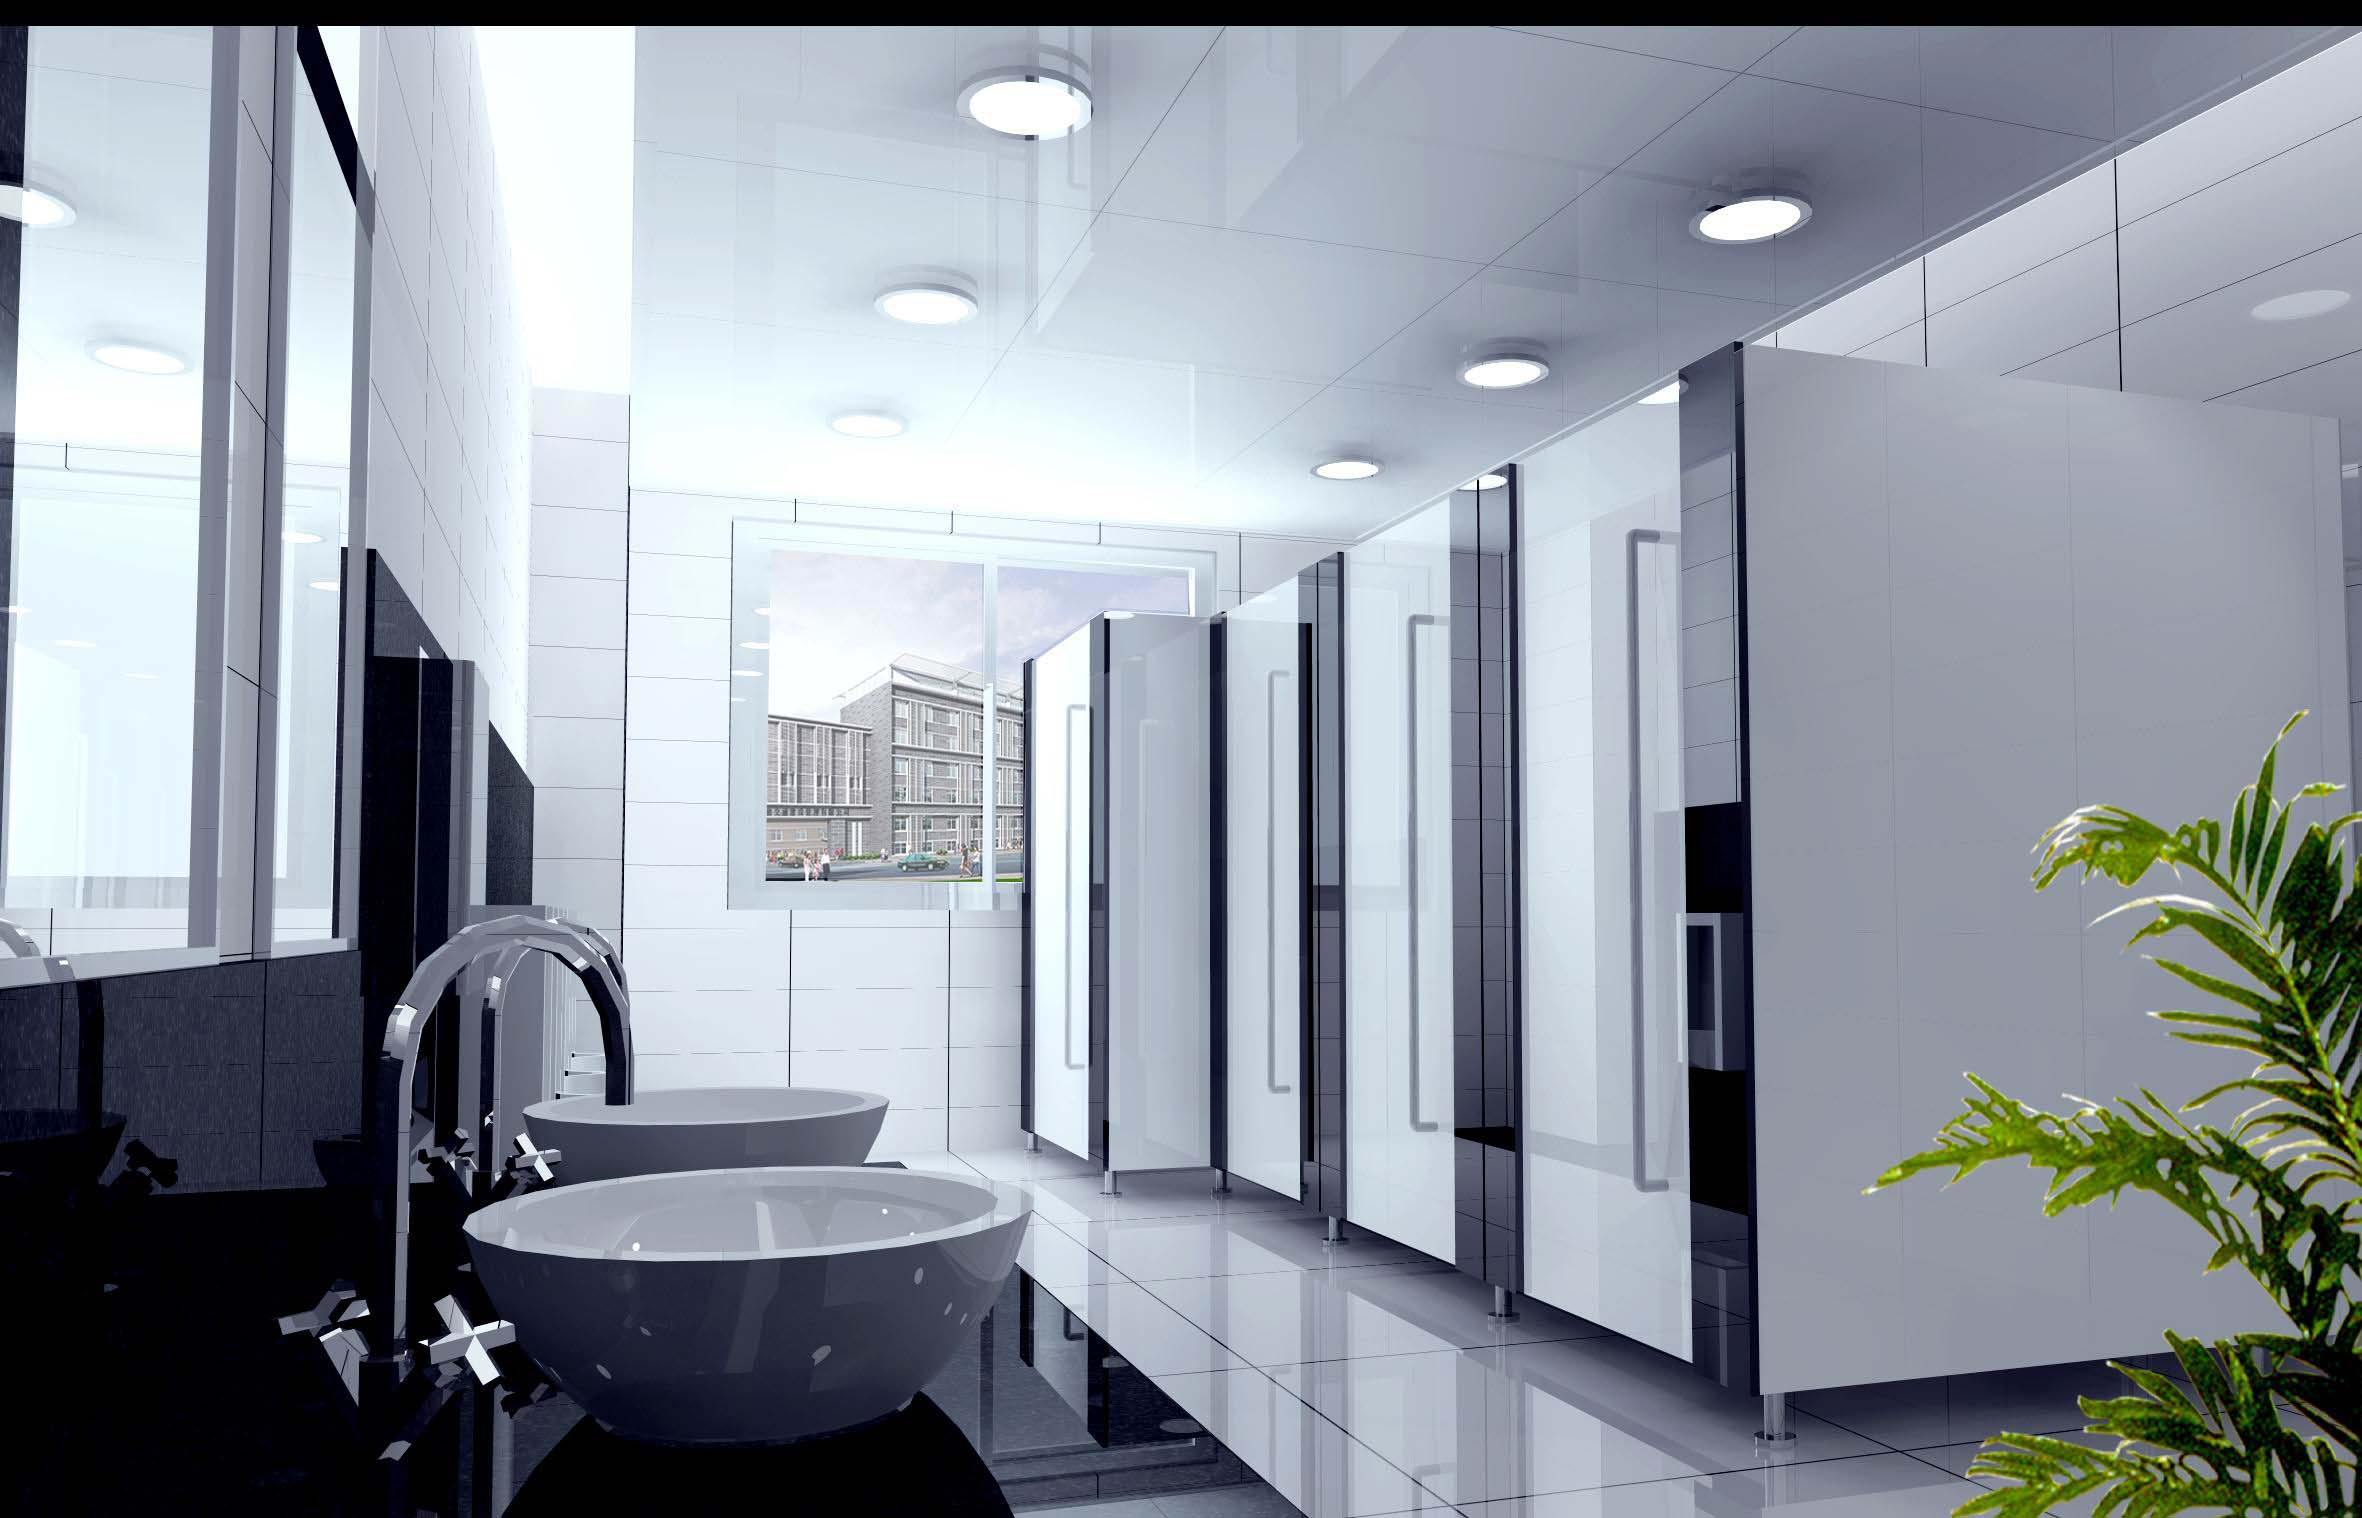 厕所 家居 设计 卫生间 卫生间装修 装修 2362_1518